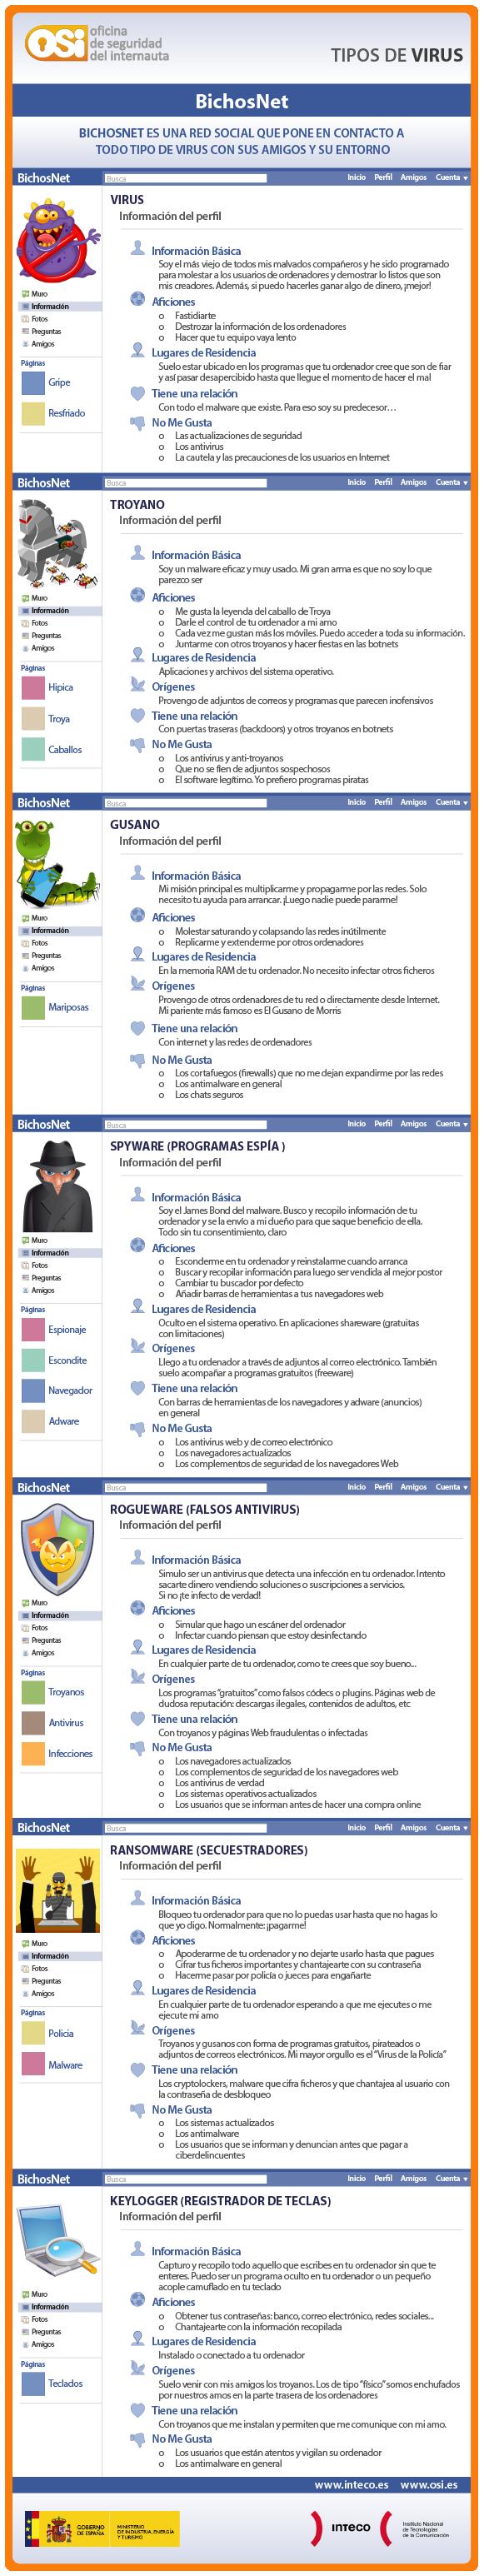 infografia_fauna_y_flora_de_los_virus